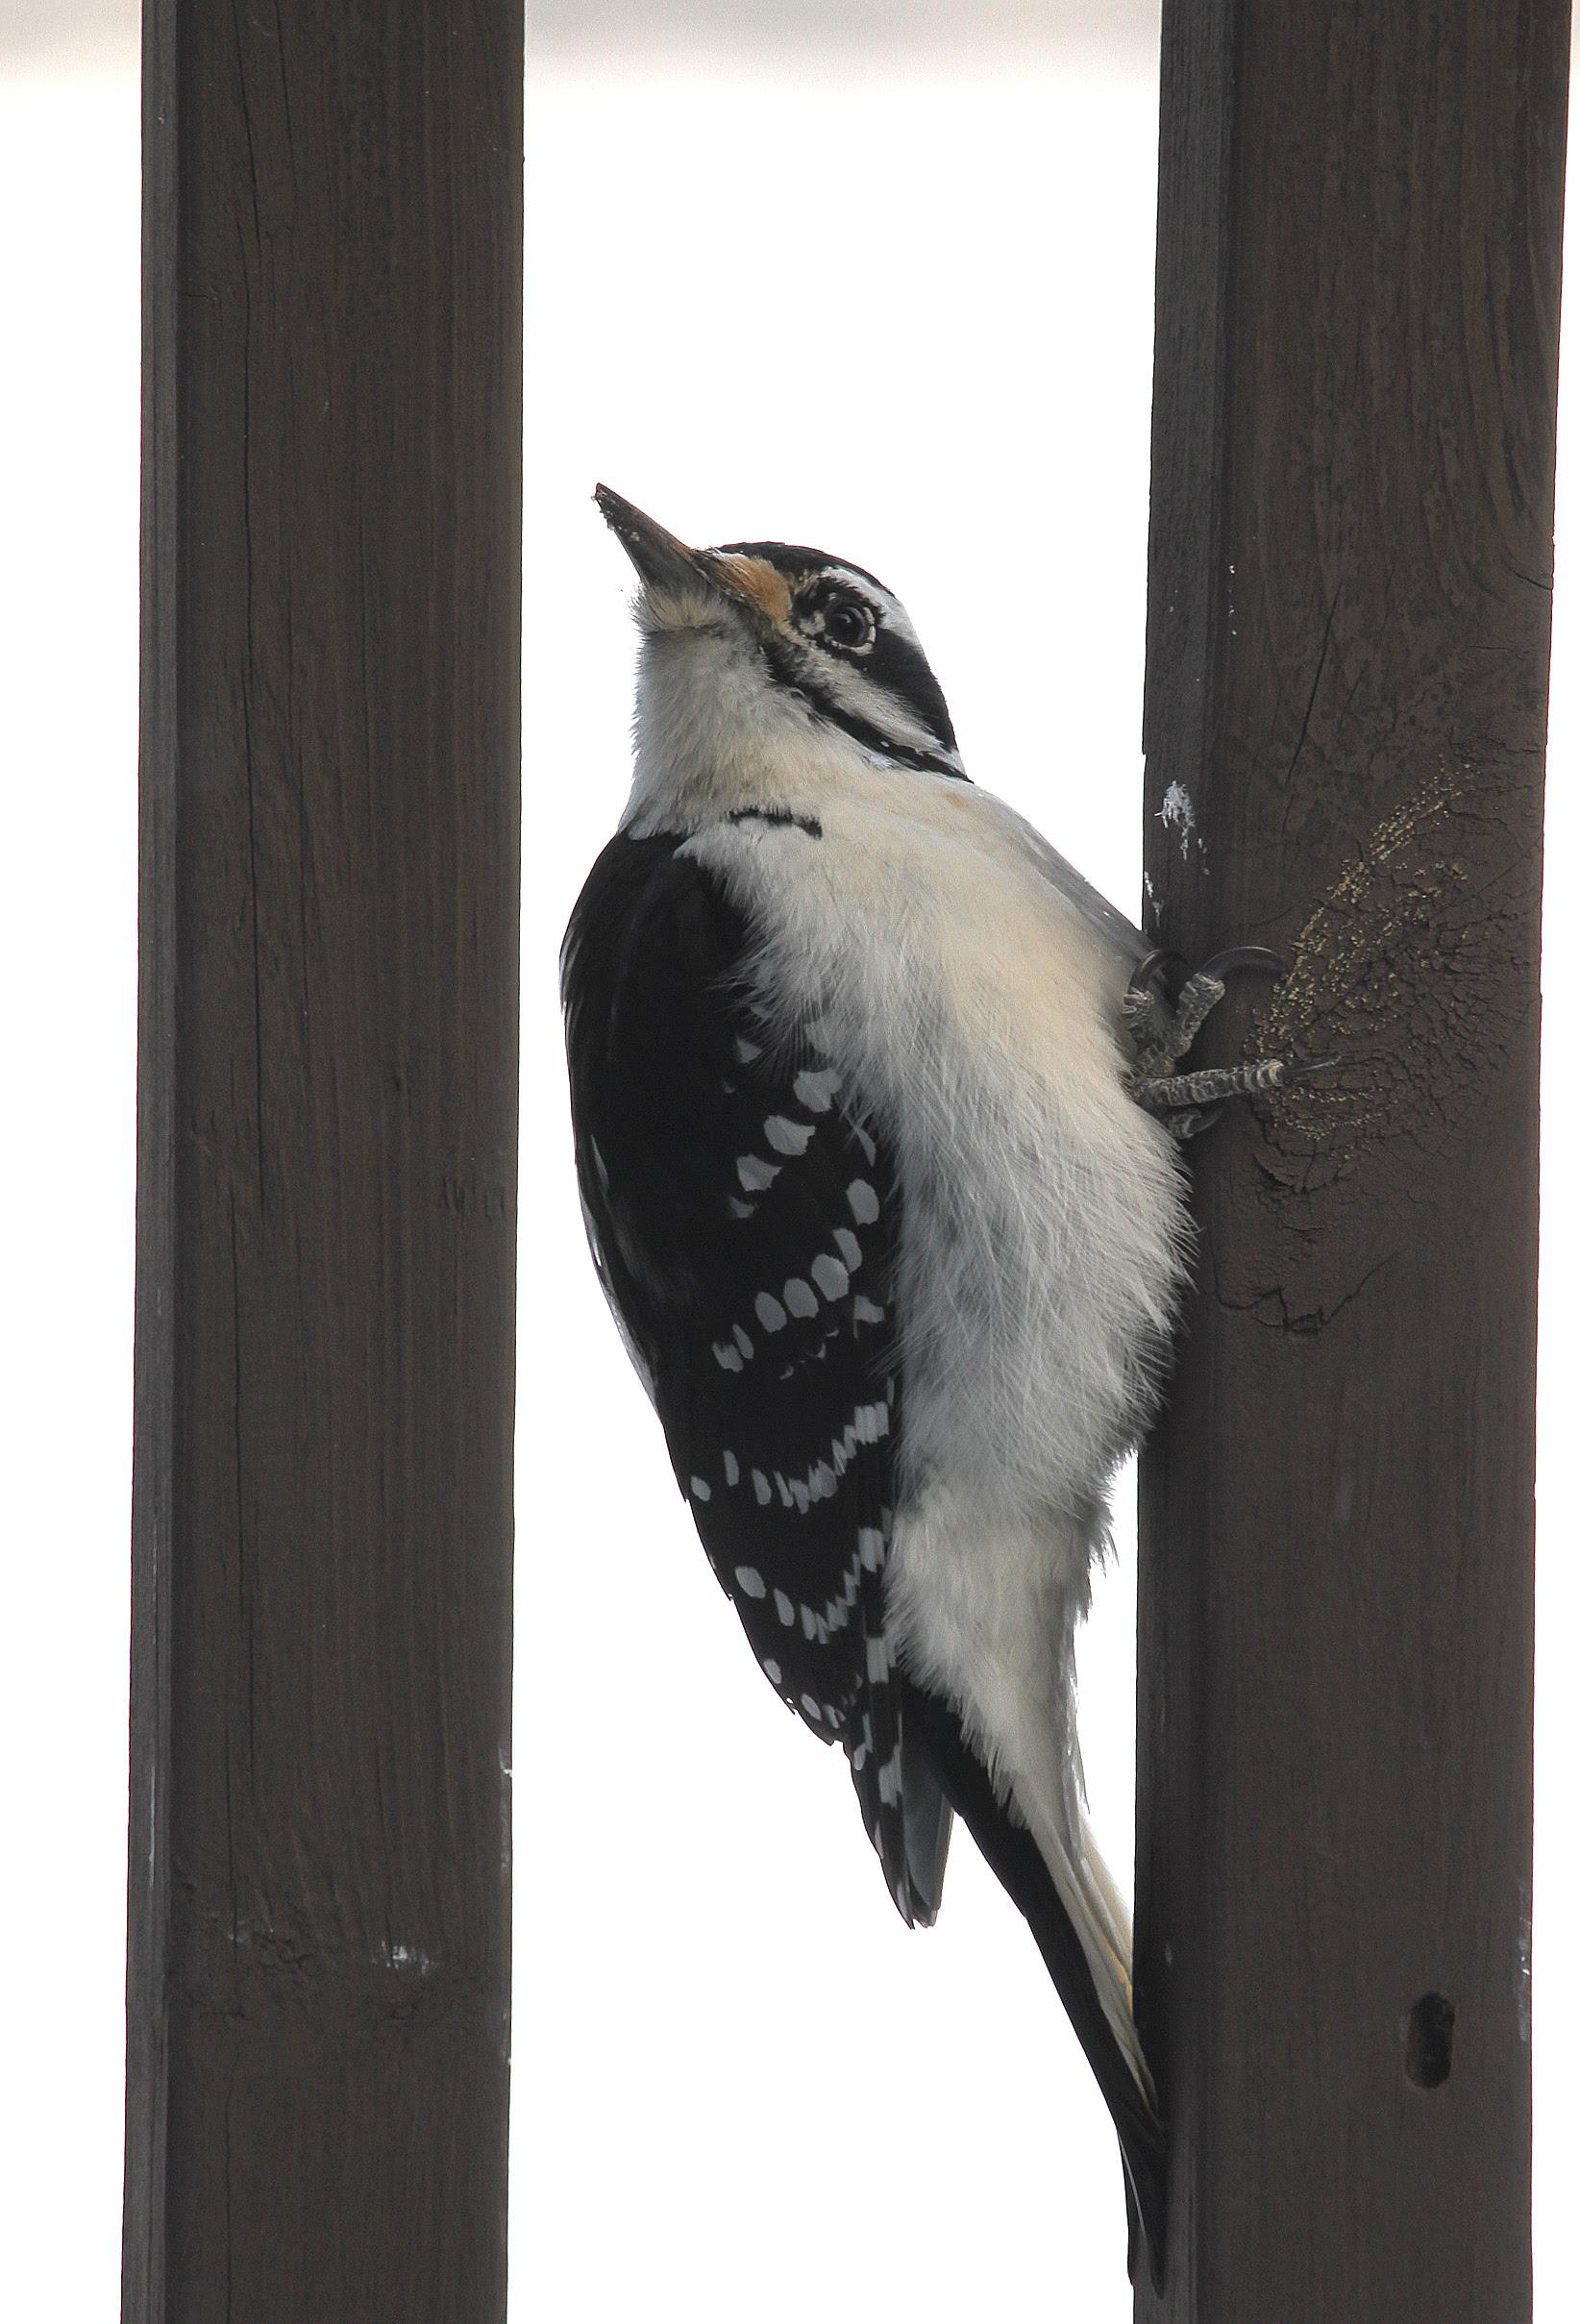 Hairy Woodpecker6